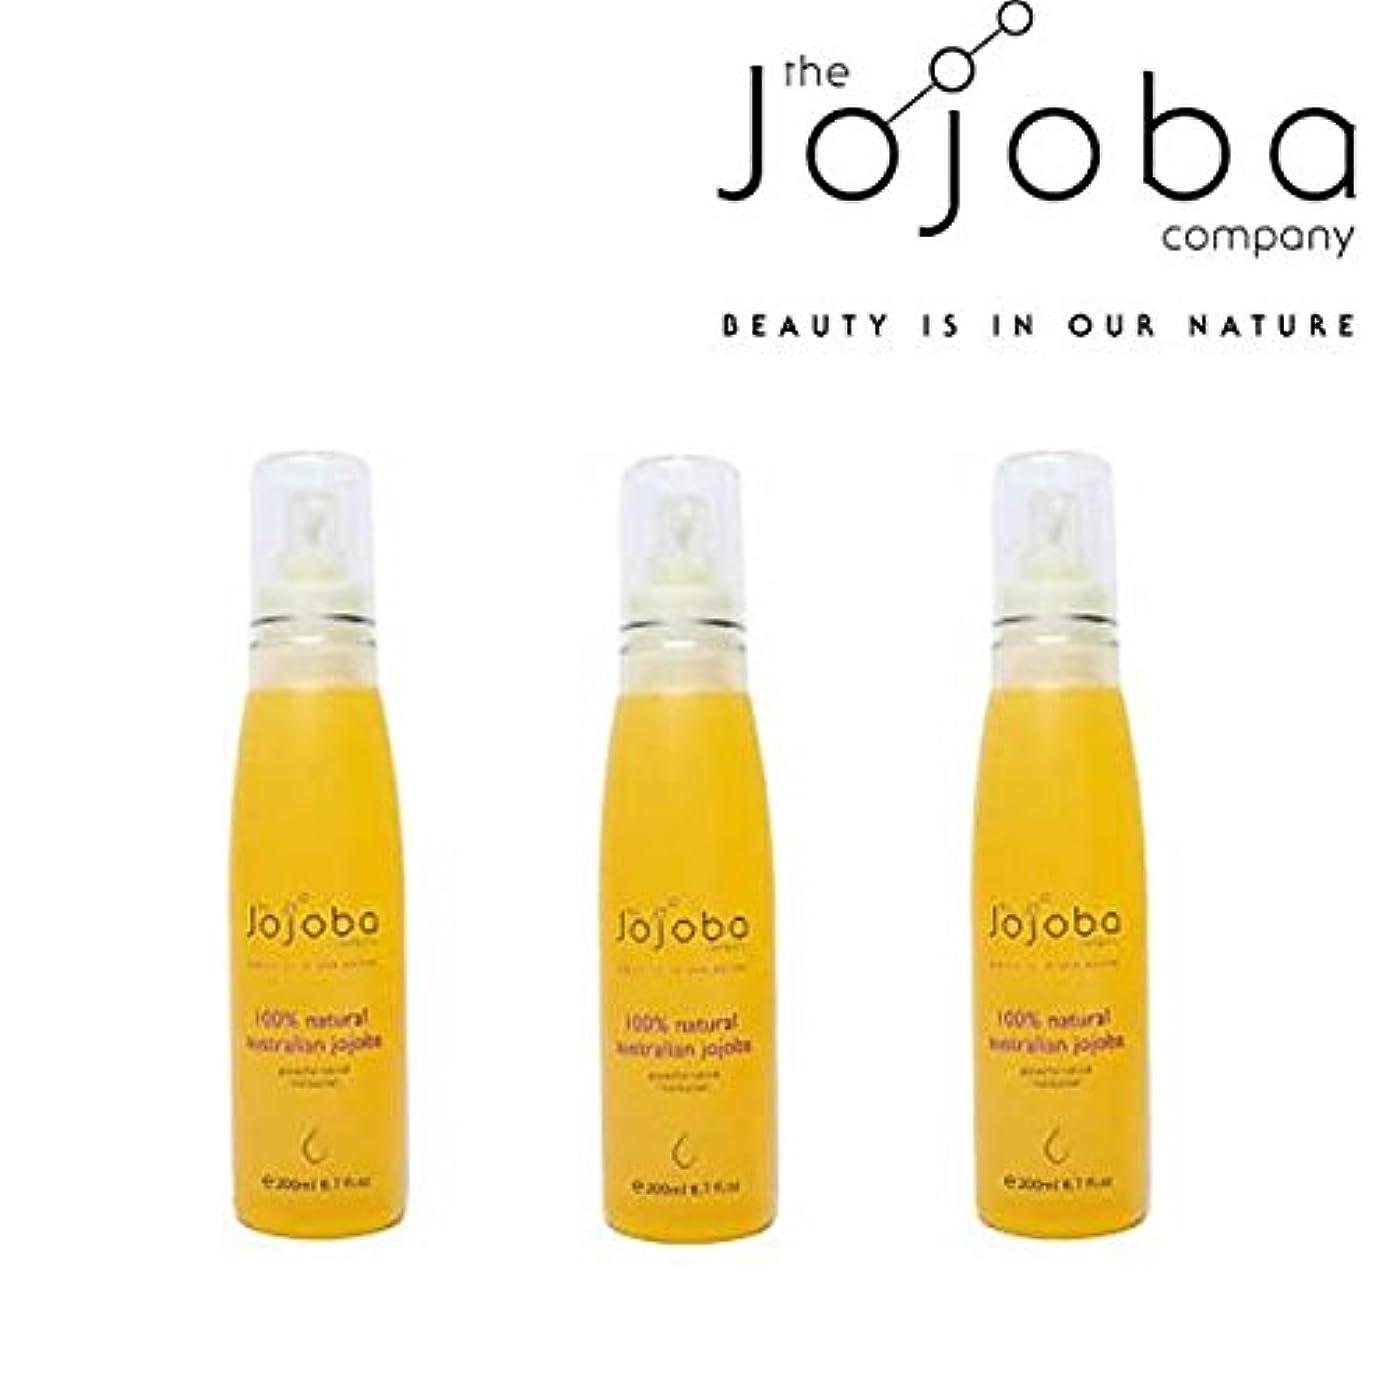 フラフープキルト伝統[The jojoba Company]天然100% オーストラリア産ゴールデンホホバオイル200ml(3本セット)[海外直送品]